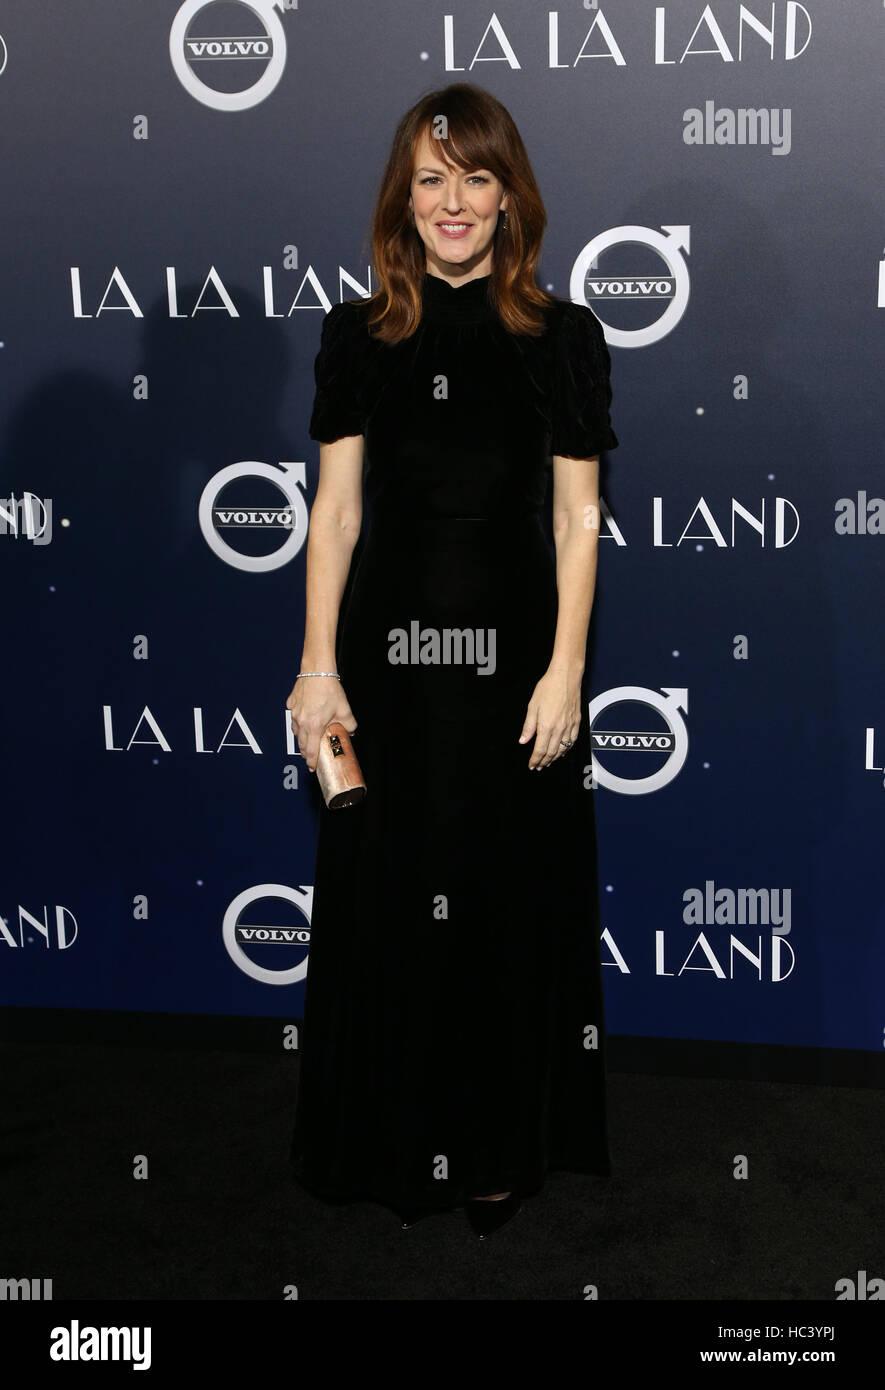 """Westwood, Kalifornien, USA. 6. Dezember 2016. Rosemarie DeWitt bei Premiere von Lionsgate """"La La Land"""" Stockbild"""